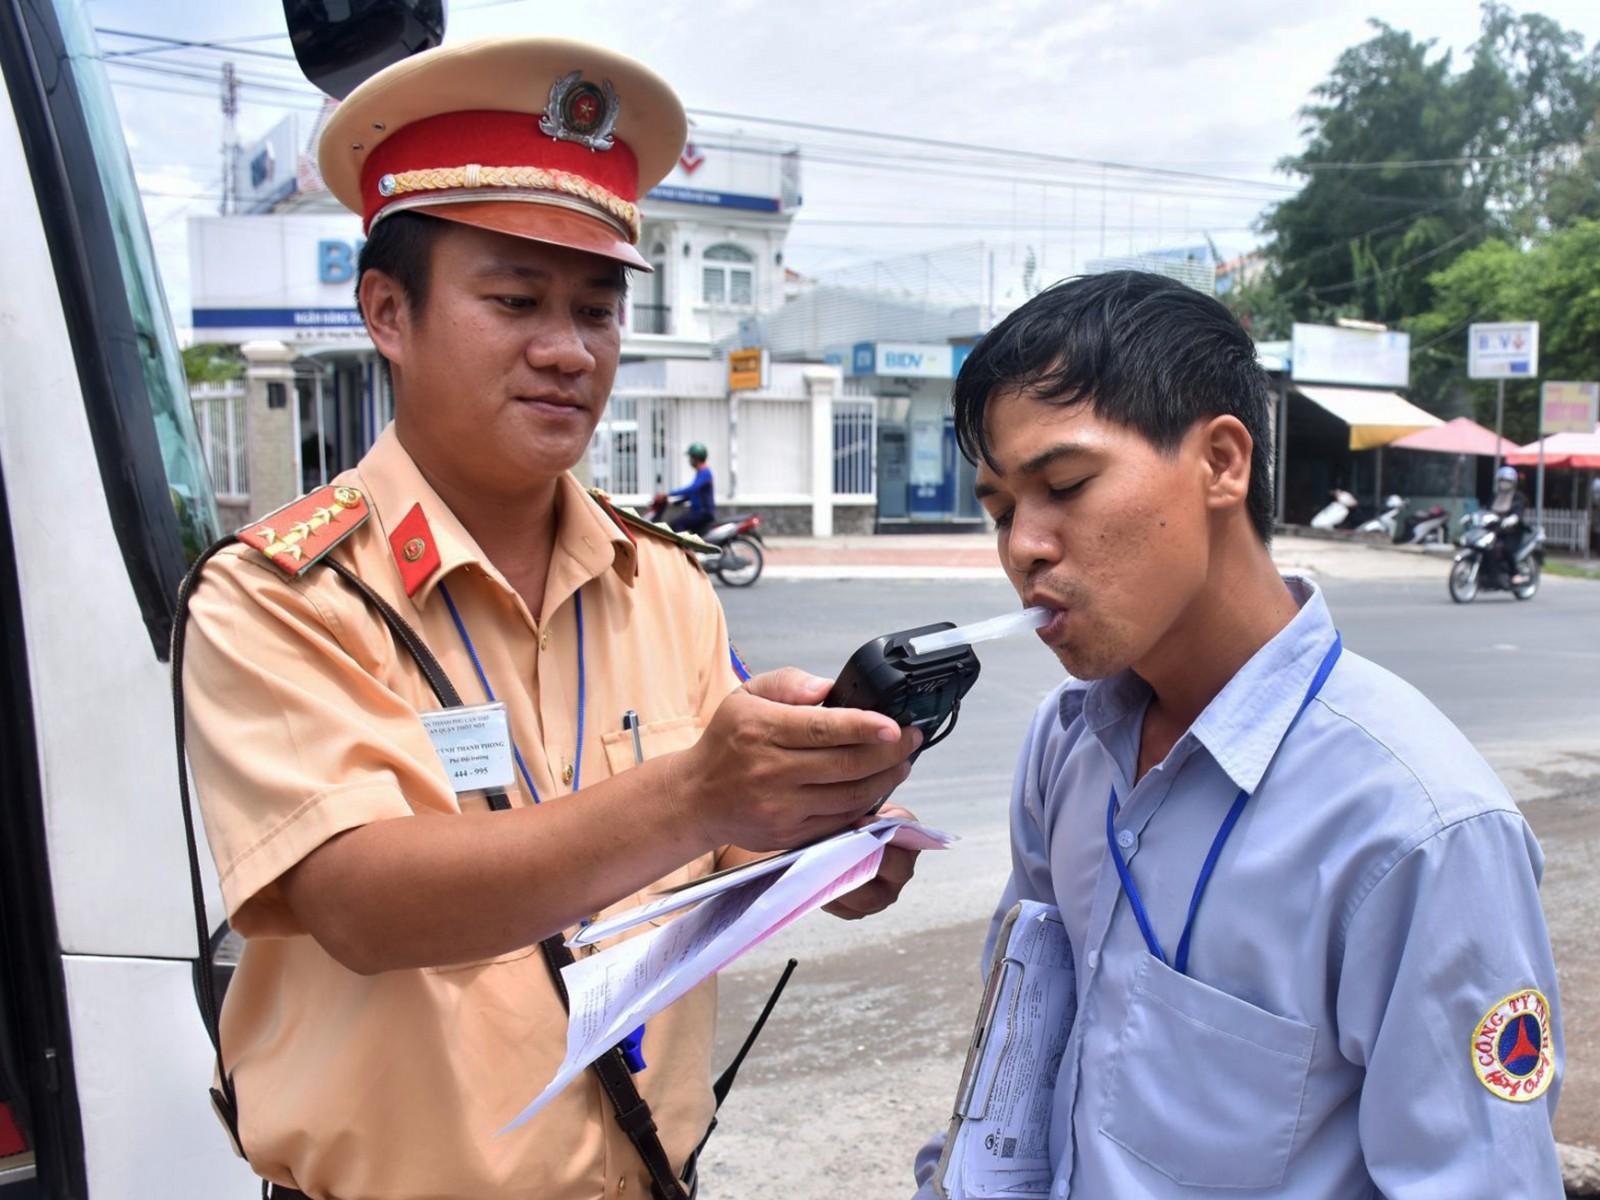 CSGT Công an quận Thốt Nốt đang kiểm tra nồng độ cồn đối với người điều khiển xe cơ giới đường bộ trên quốc lộ 91, thuộc phường Trung Kiên.